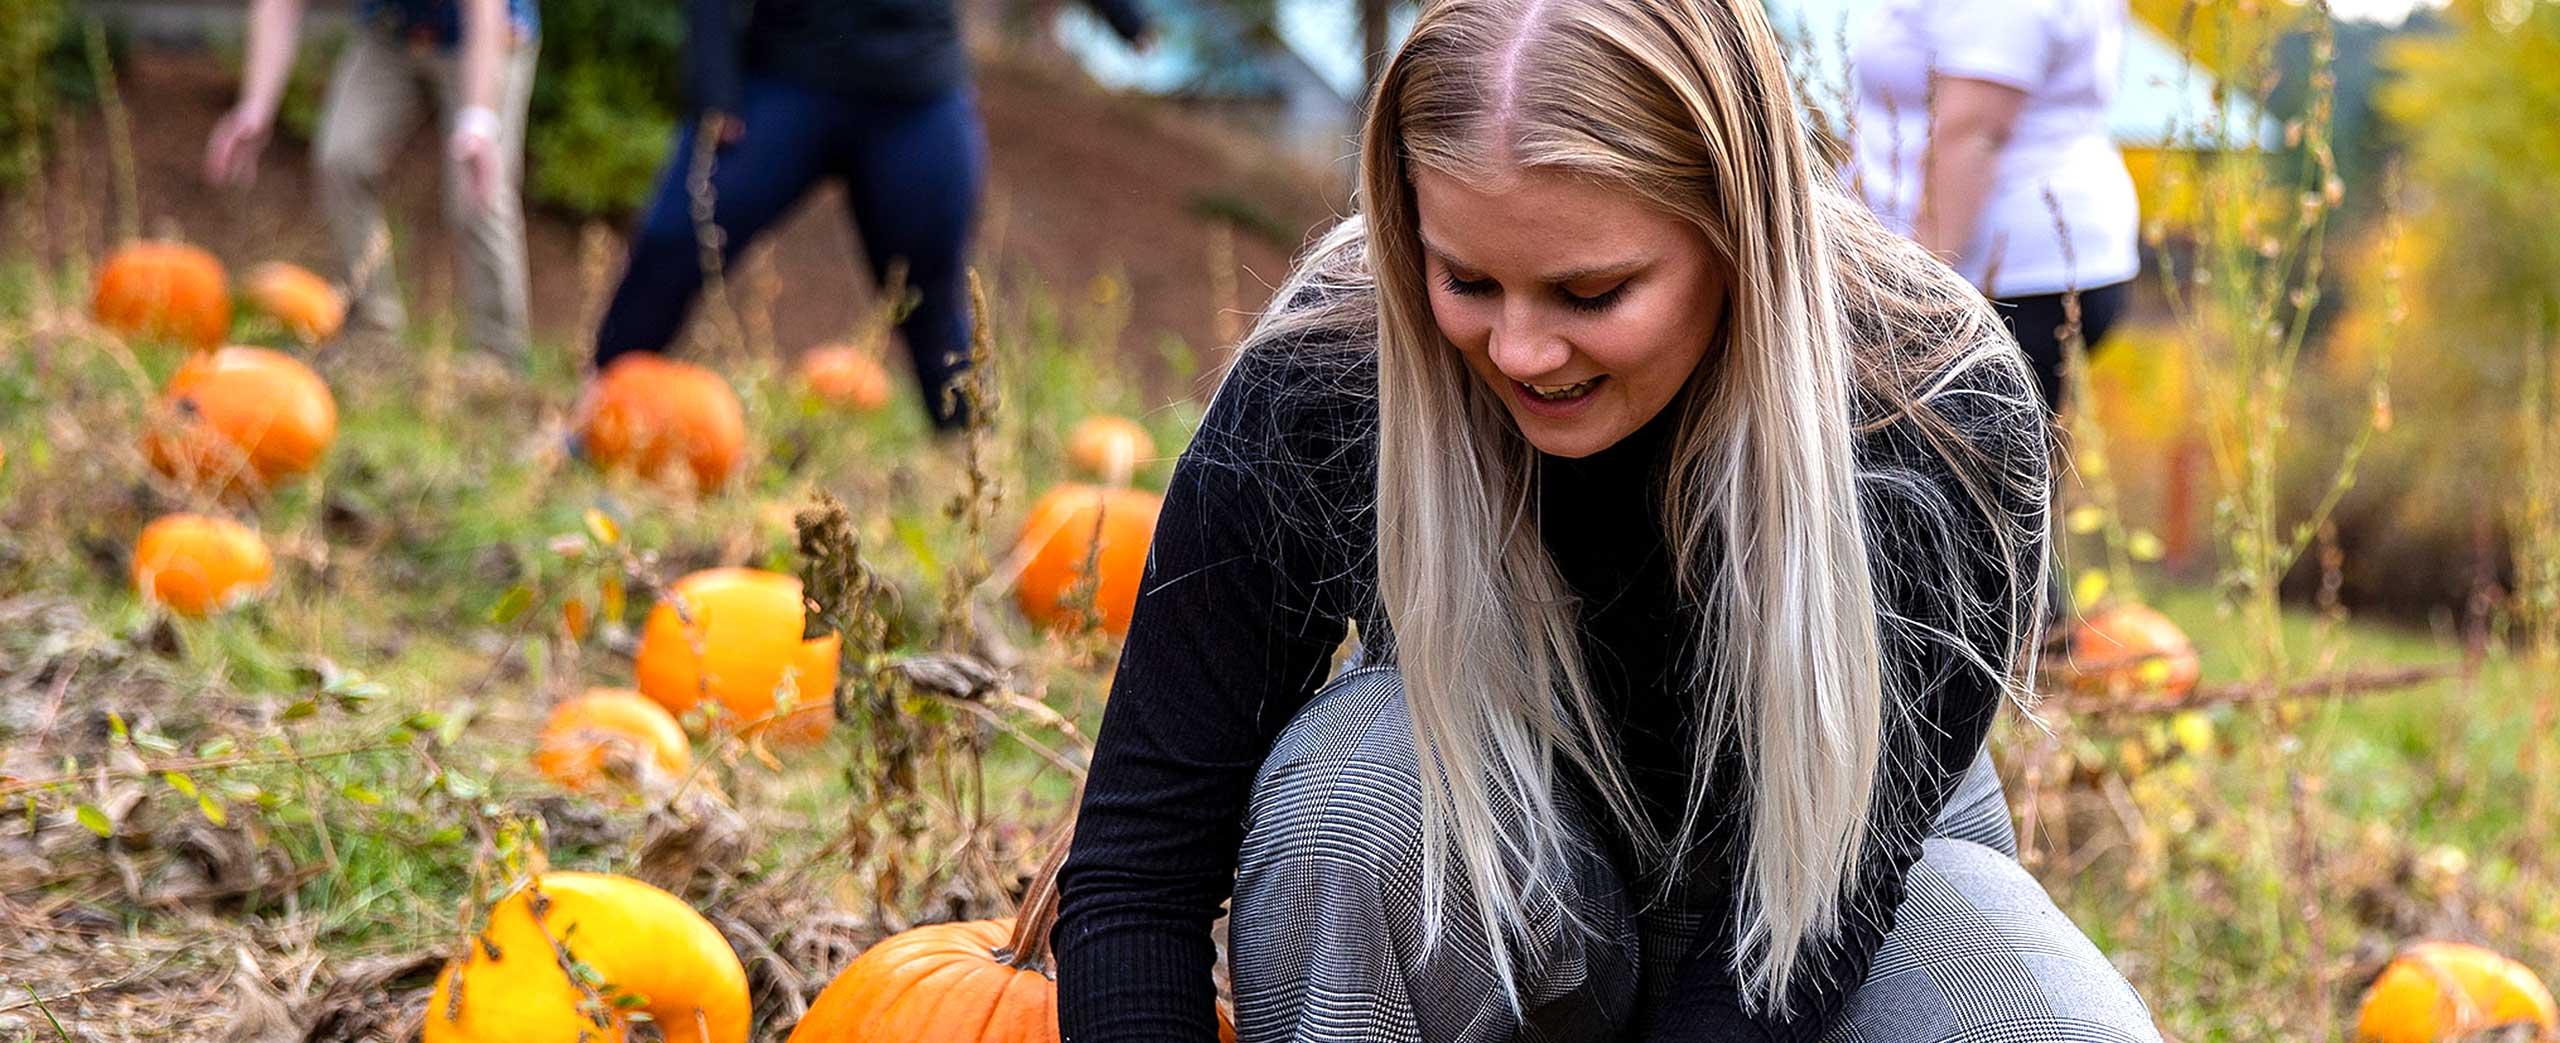 Fall family fun fest picking a pumpkin